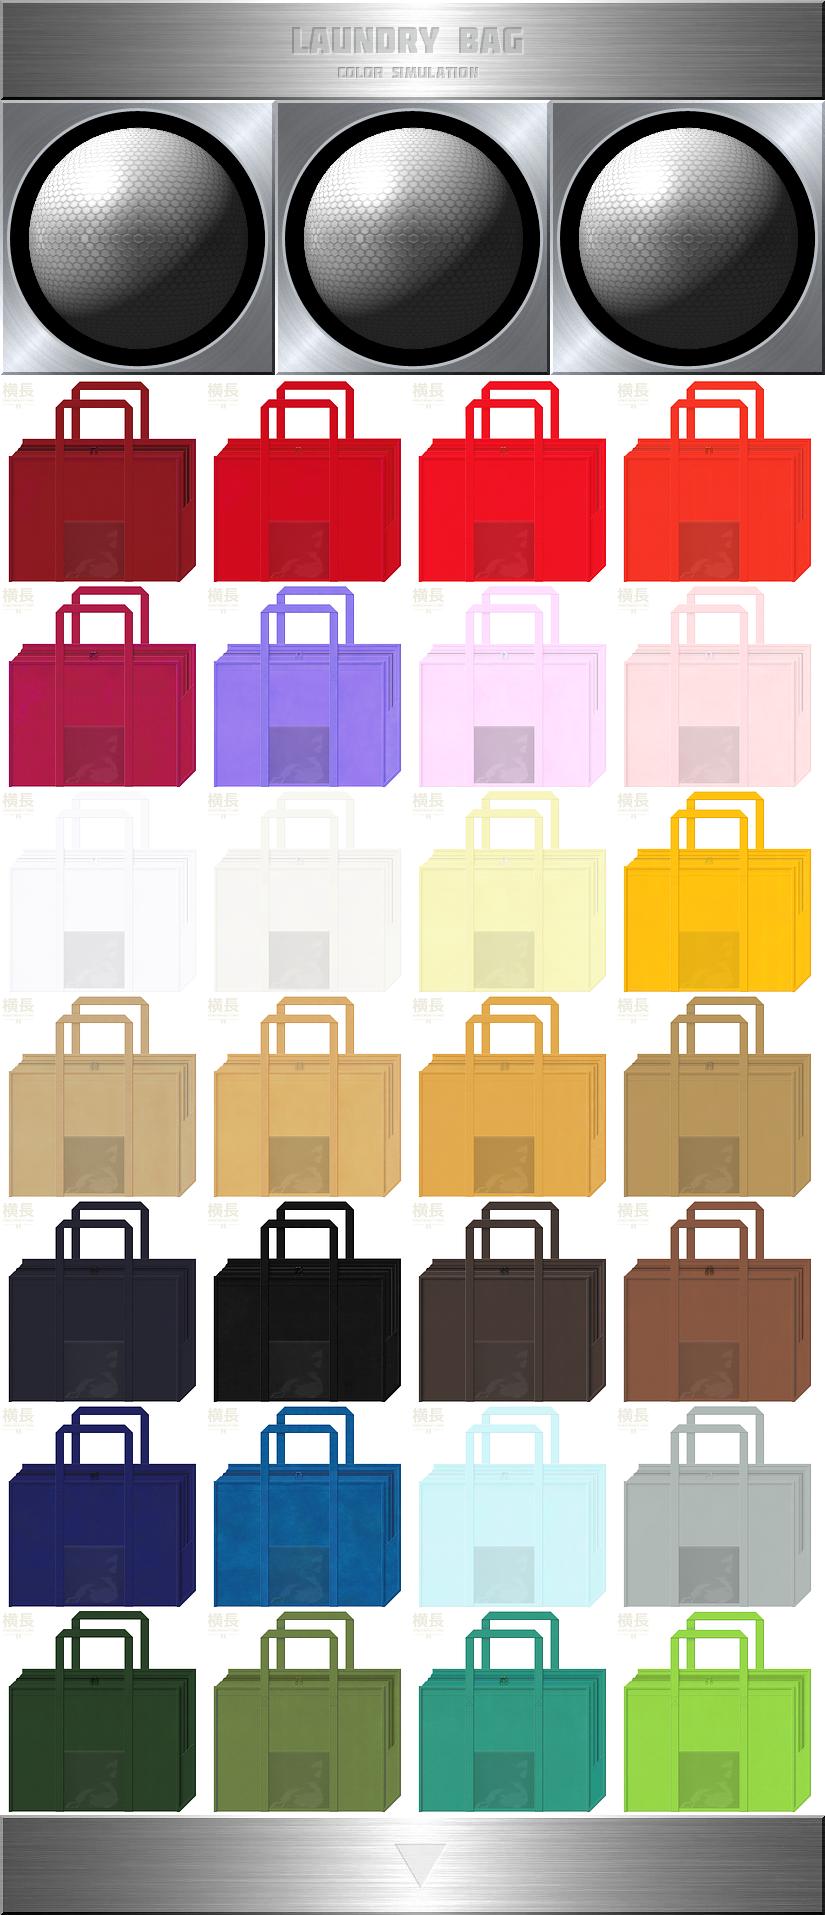 不織布ランドリーバッグのカラーシミュレーション.1:透明ポケット付きのBOX型のトートバッグ